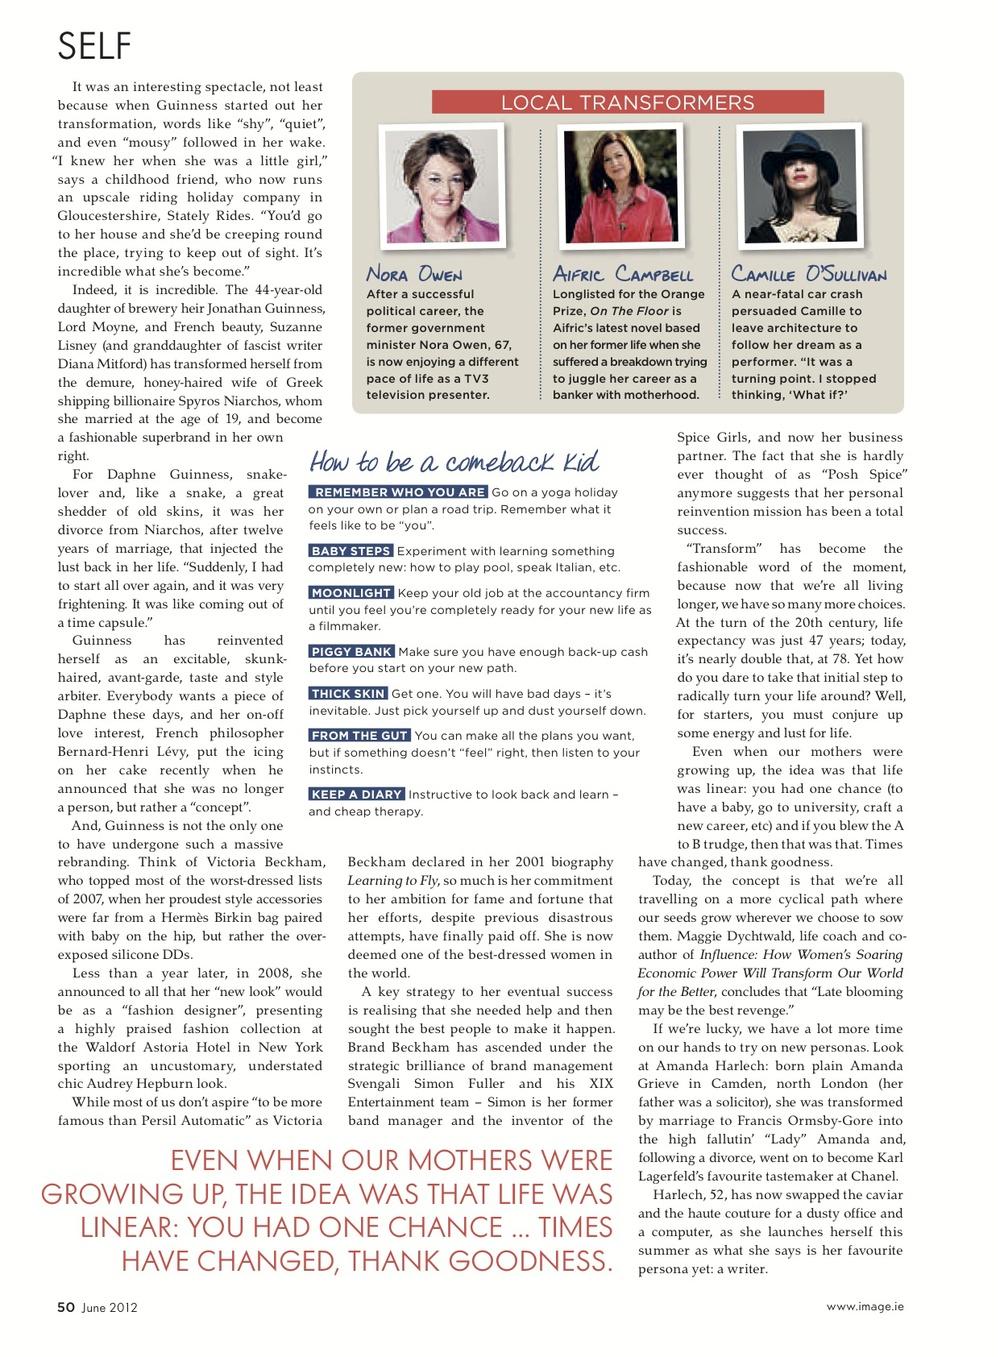 Image Mag June 2012 p.2.jpg